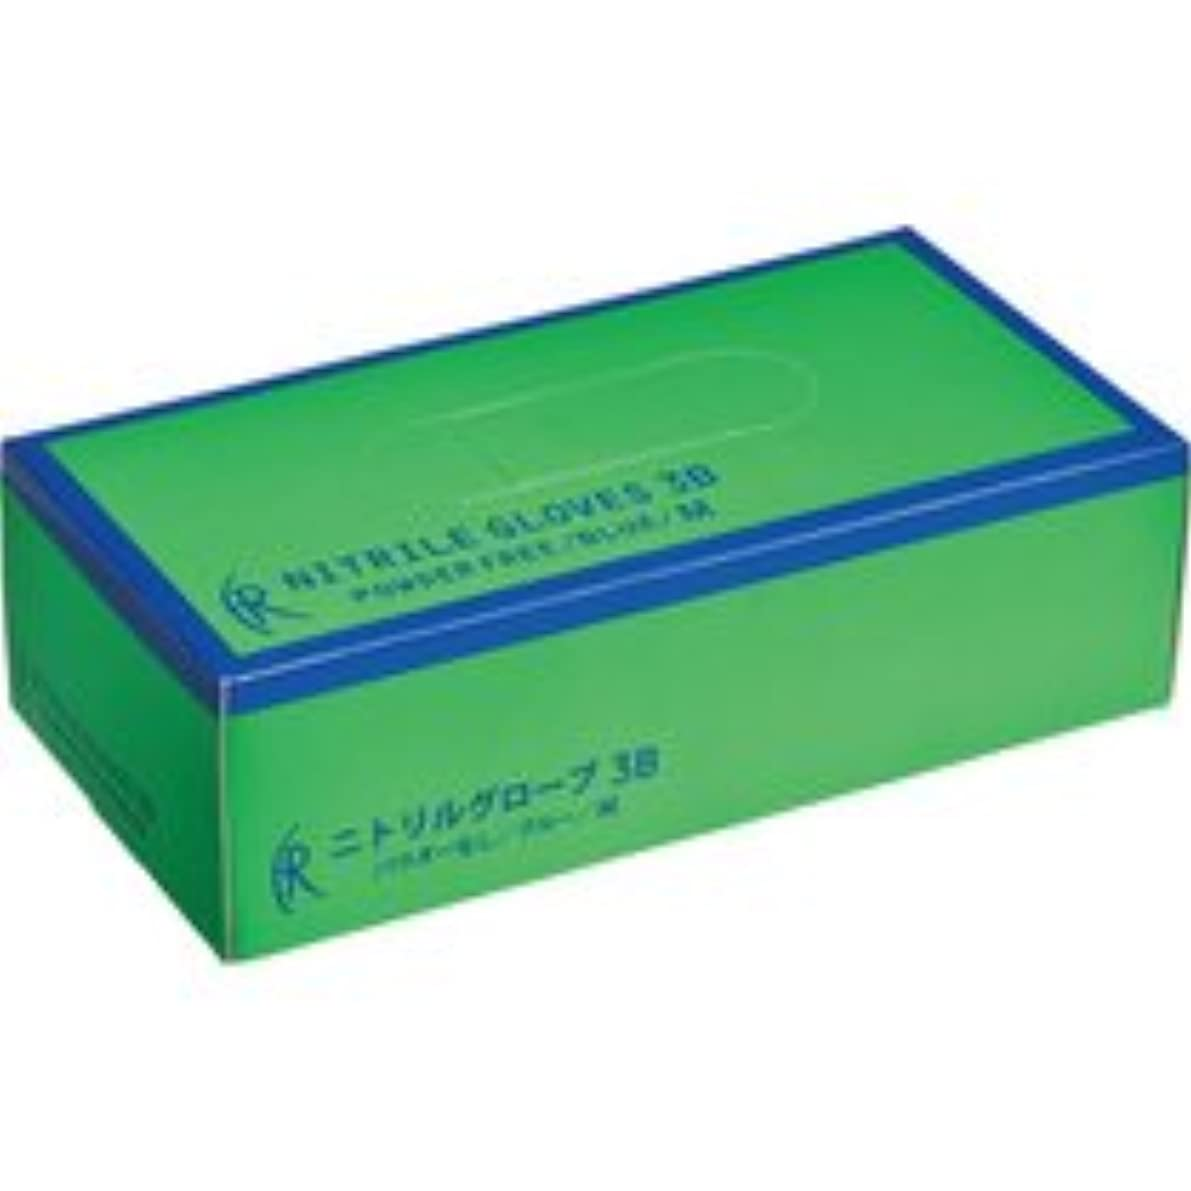 装備する才能オゾンファーストレイト ニトリルグローブ3B パウダーフリー M FR-5662 1箱(200枚)